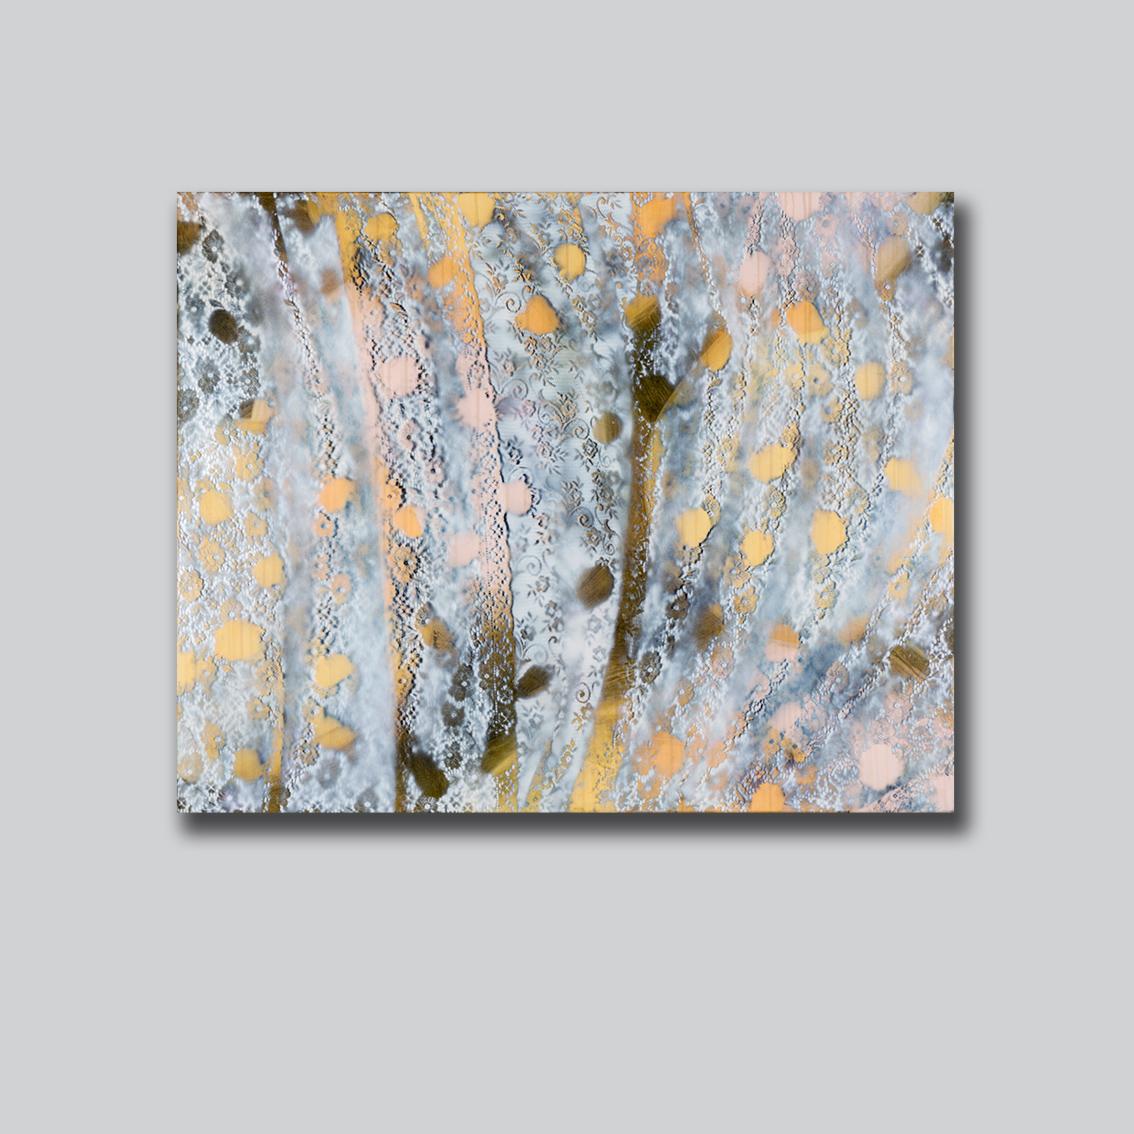 Aqueous Bloom IX grey wall